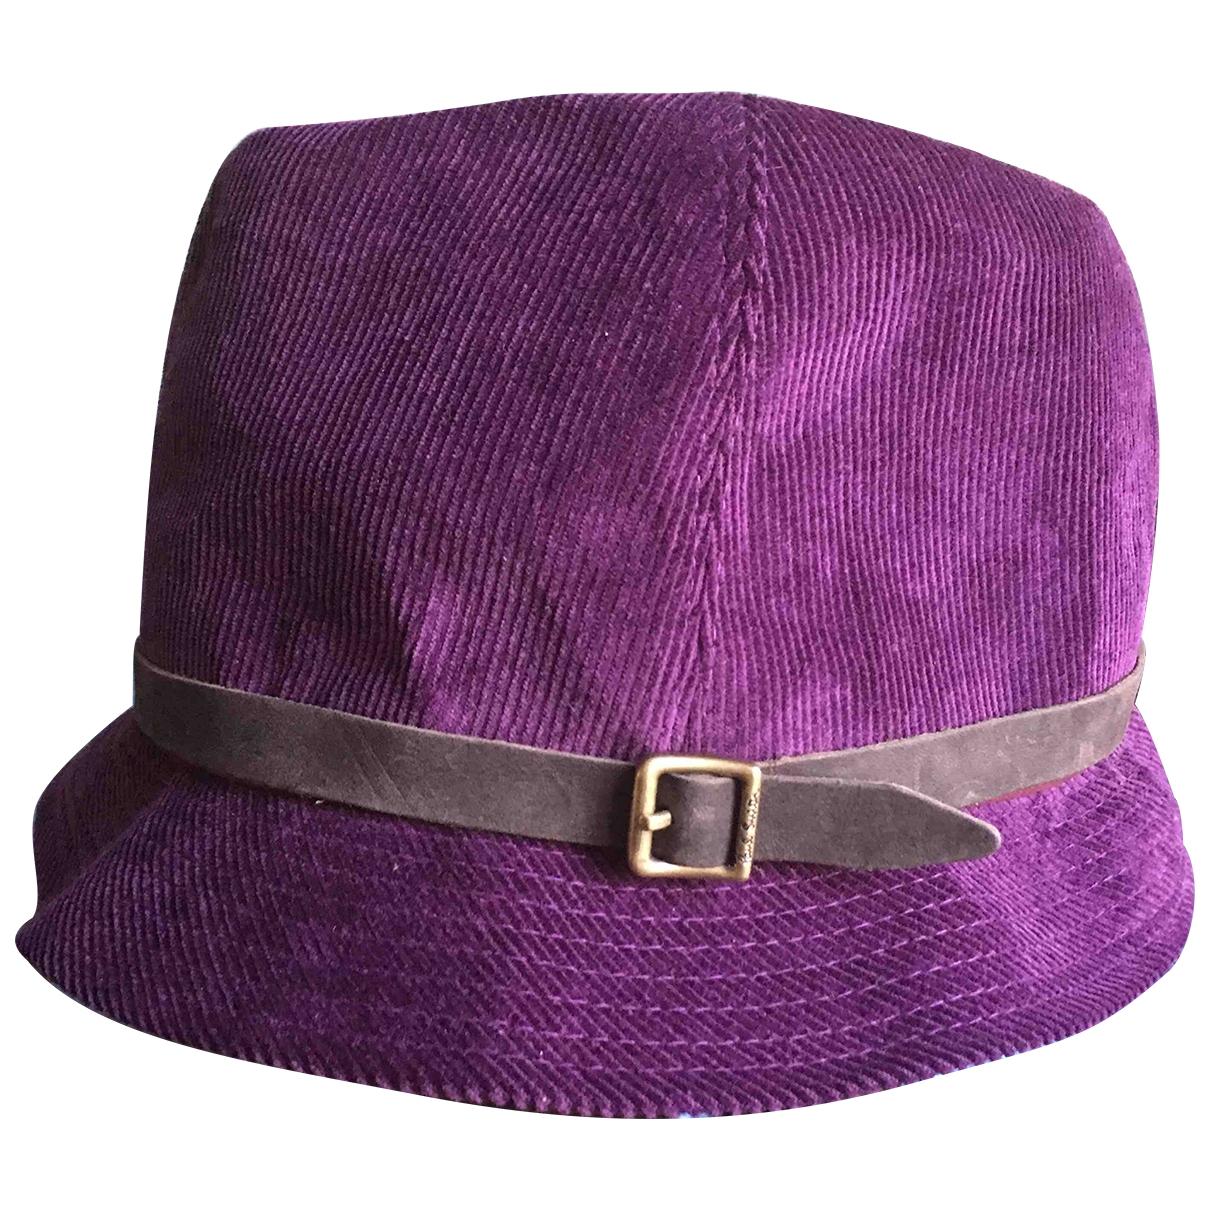 Paul Smith - Chapeau & Bonnets   pour homme en coton - violet